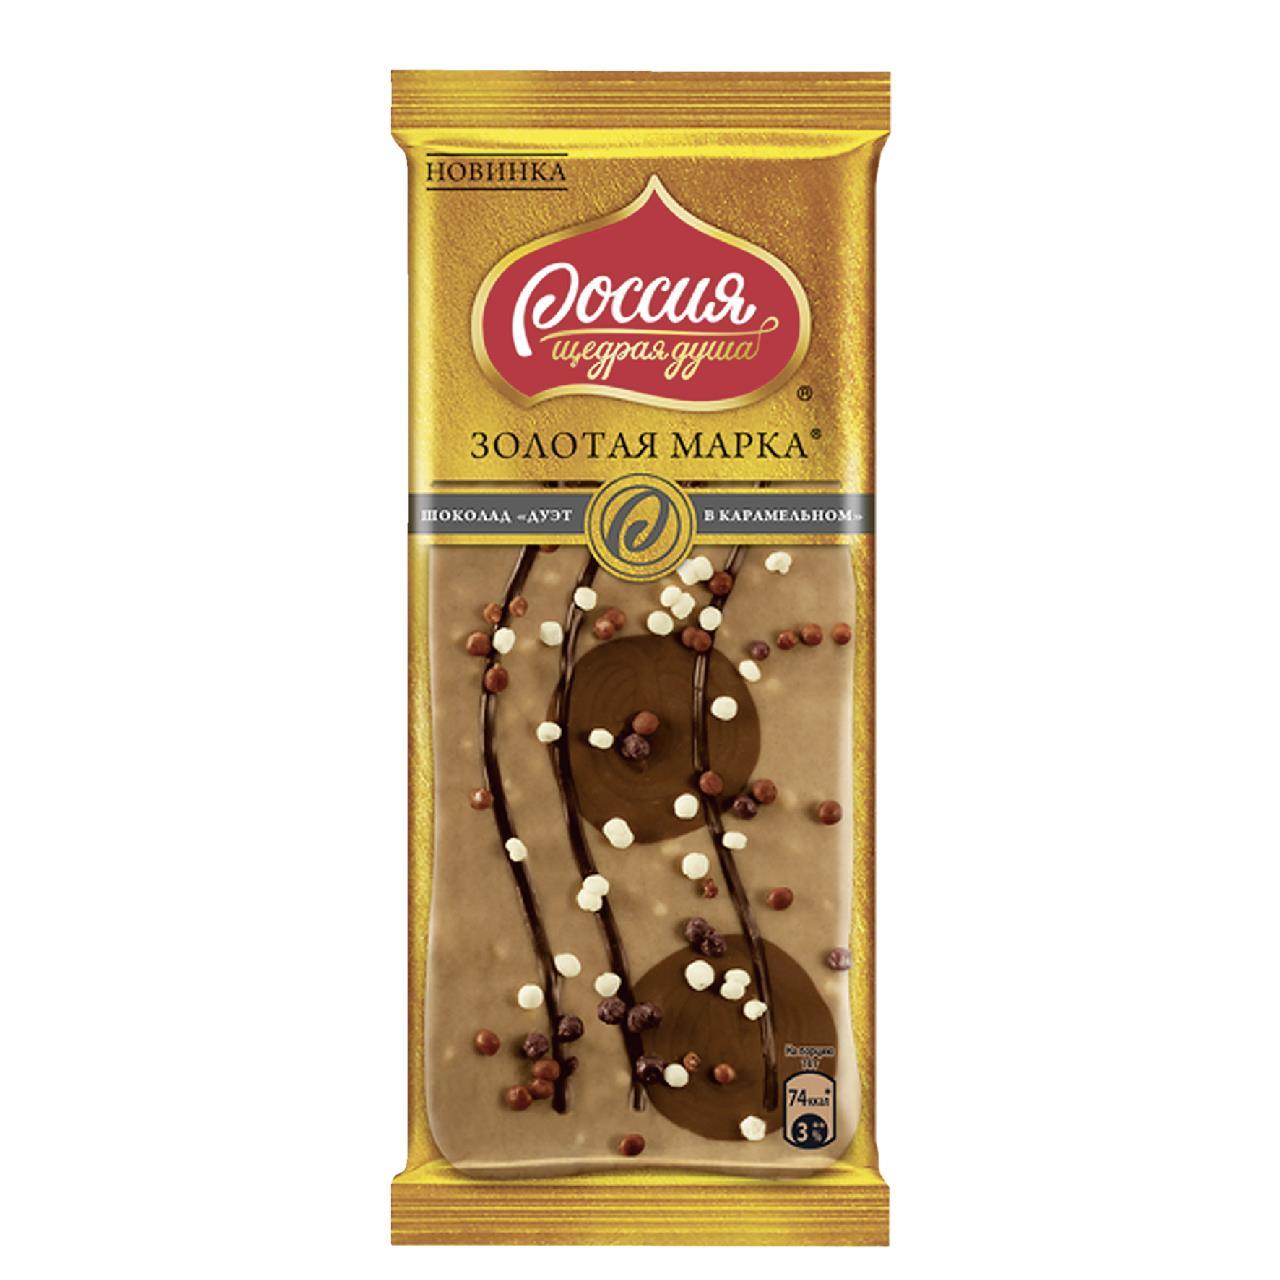 ЗОЛОТАЯ МАРКА® ДУЭТ В КАРАМЕЛЬНОМ. Карамельный белый шоколад с печеньем декорированный 85 г